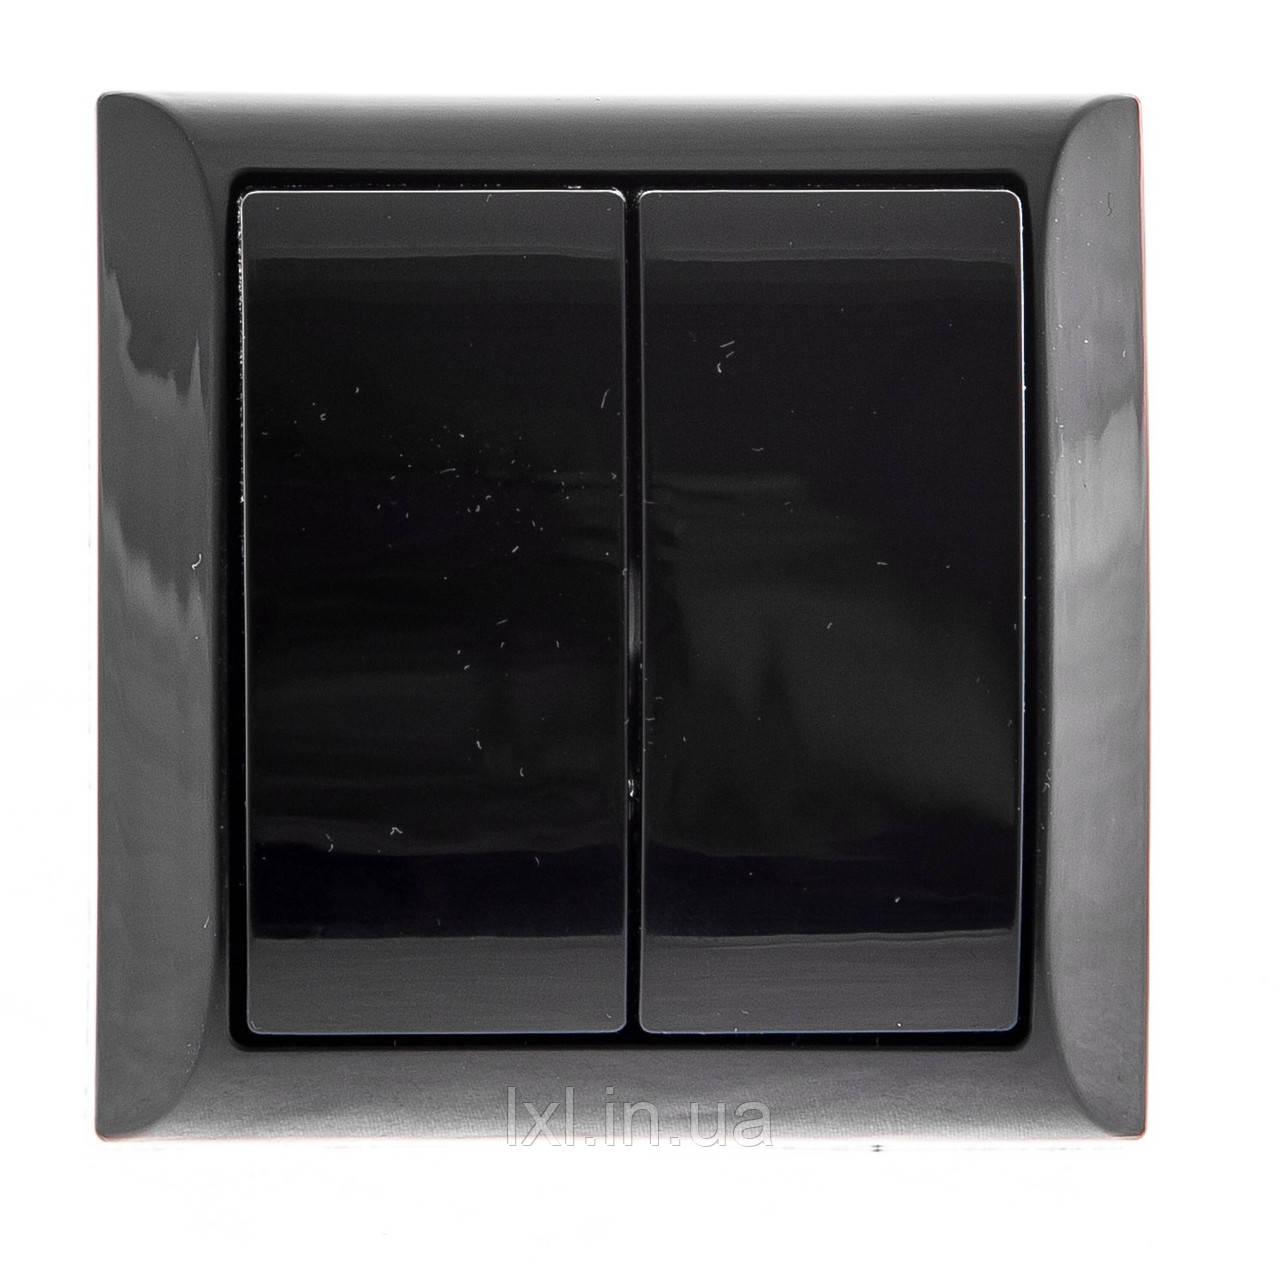 Вимикач подвійний зовнішній чорний LXL TERRA